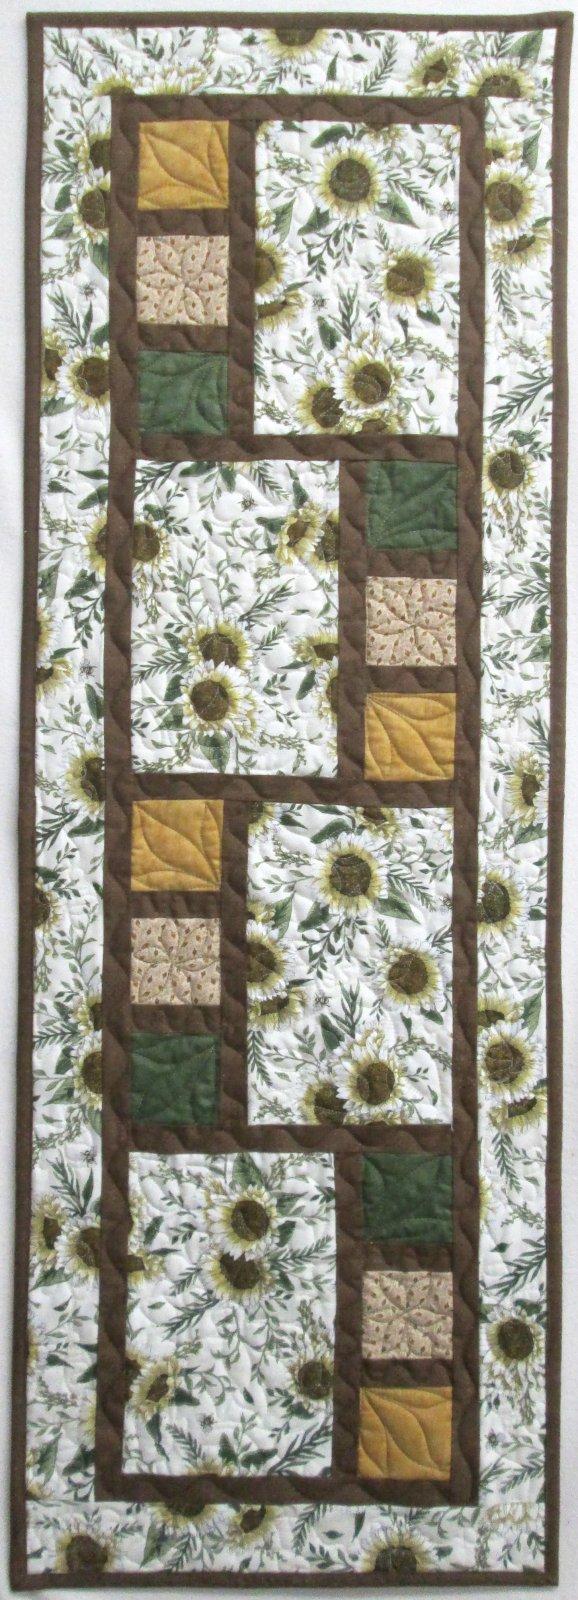 All Squared Up Sunflower Table Runner Kit